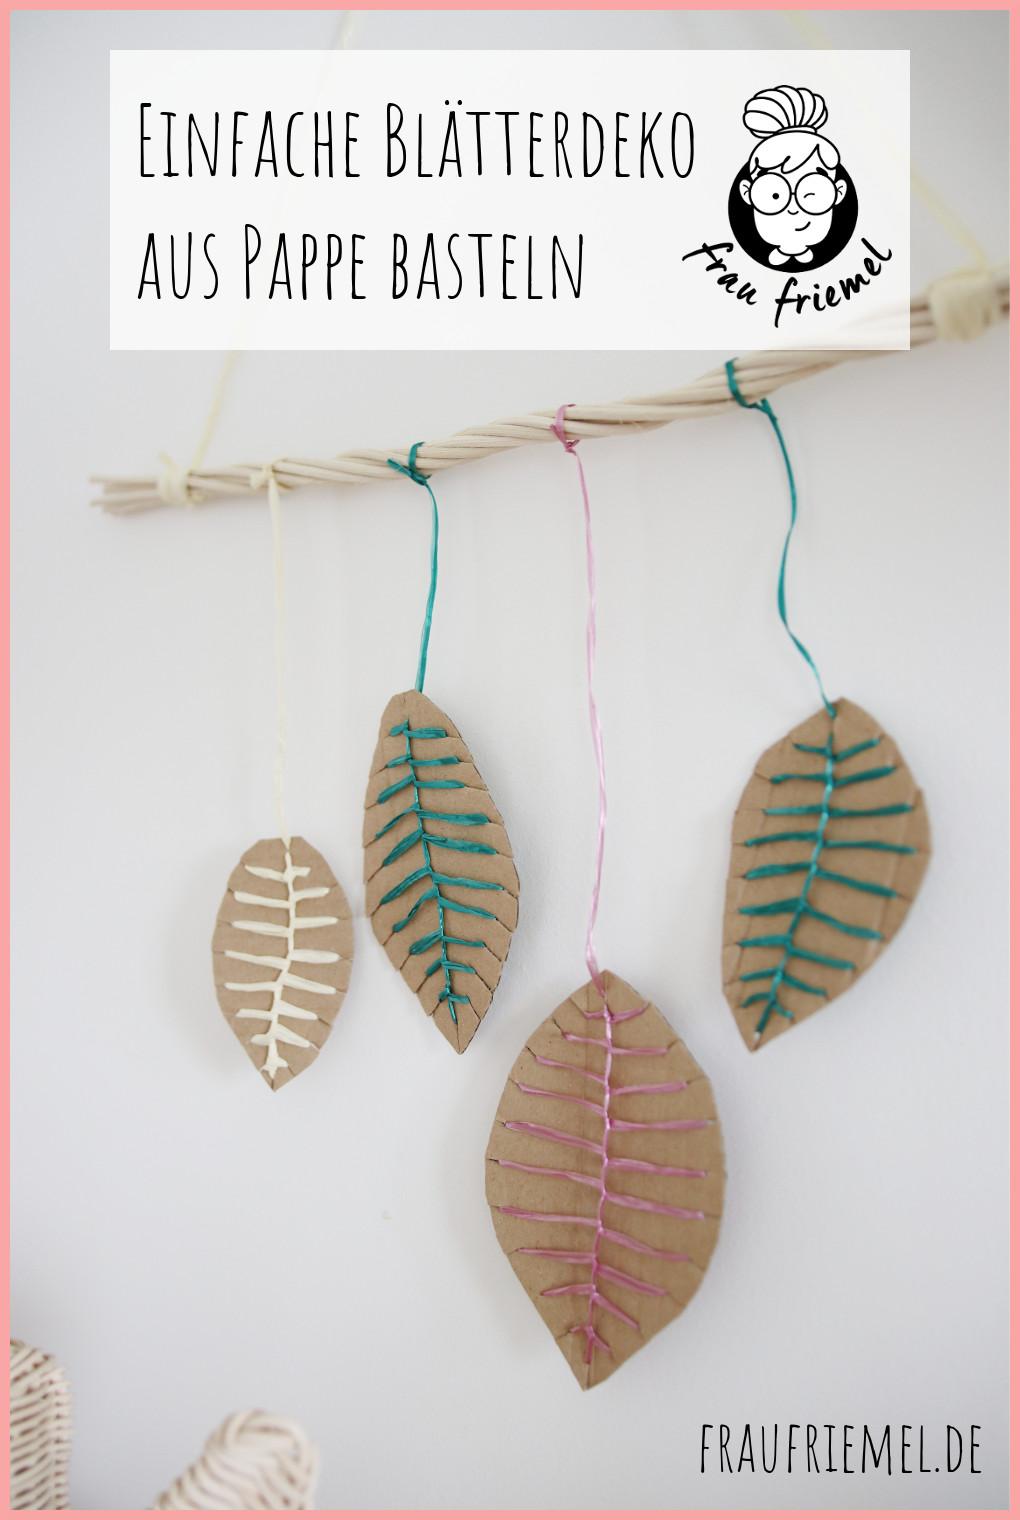 Herbstdeko basteln aus Pappe und Peddigrohr auf Pinterest merken